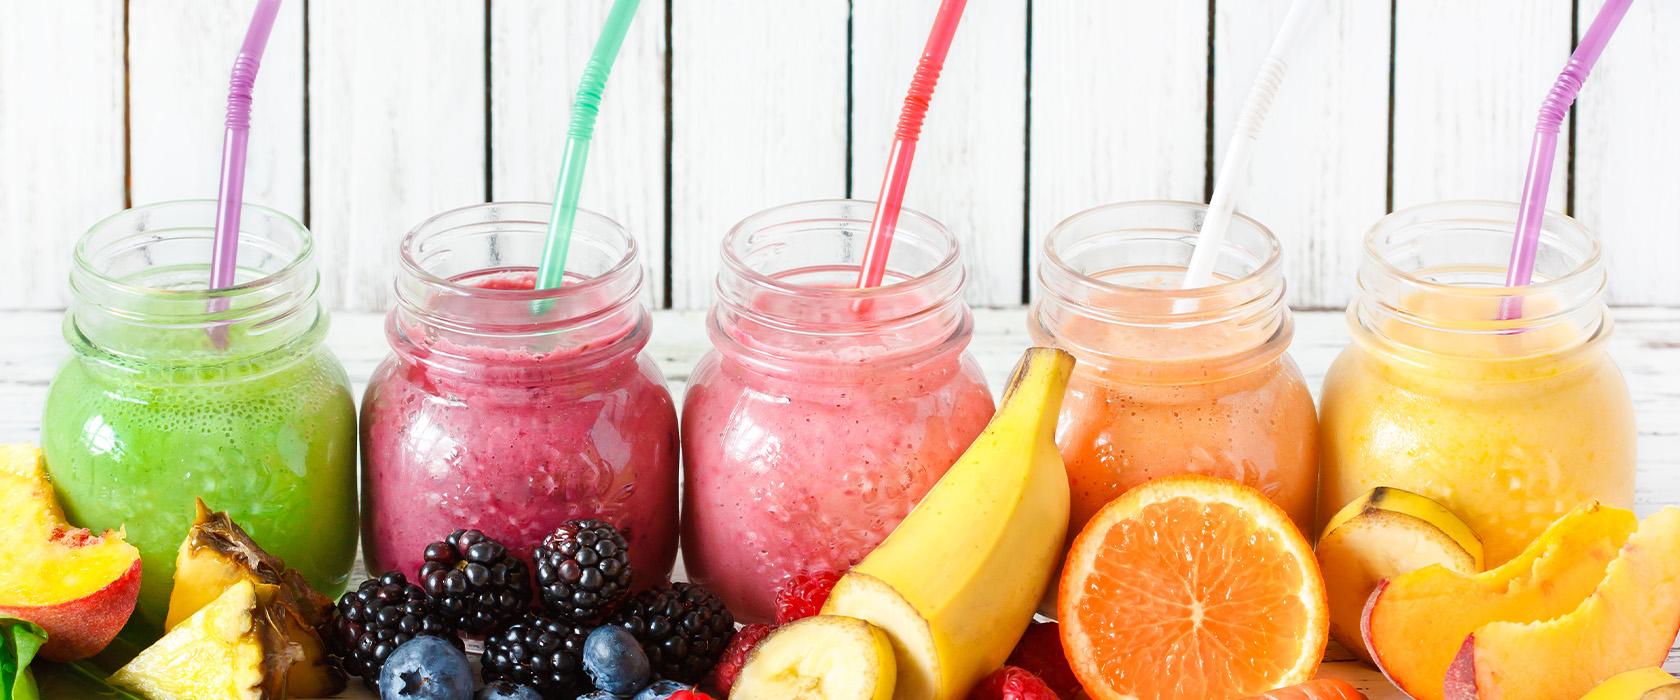 Основные принципы правильного и здорового питания